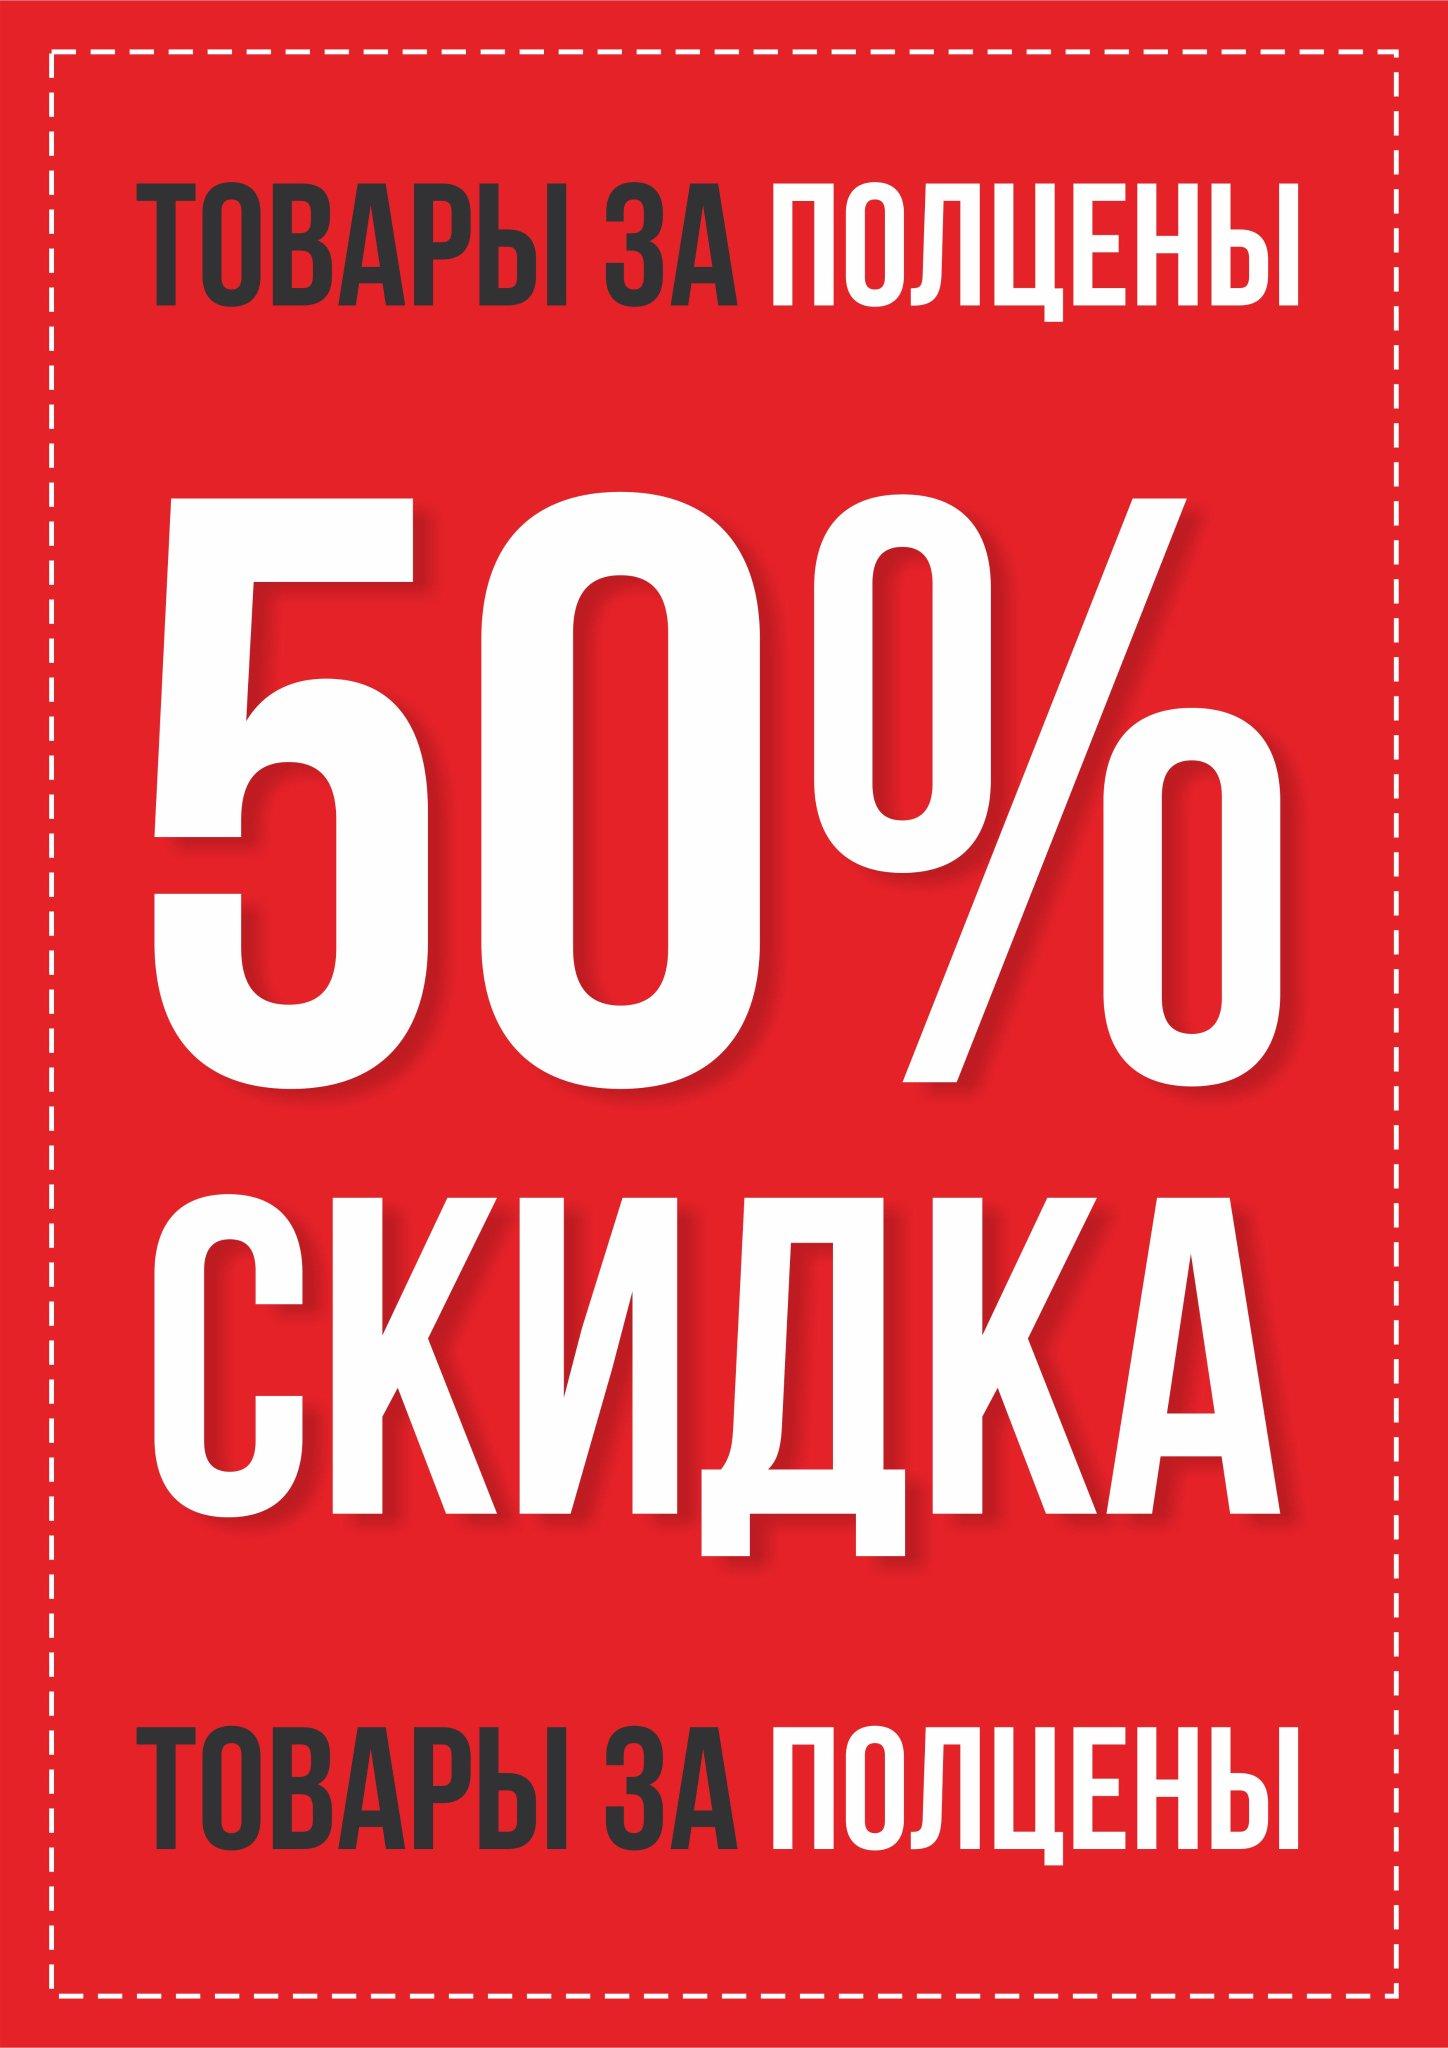 Картинки скидки 50 процентов